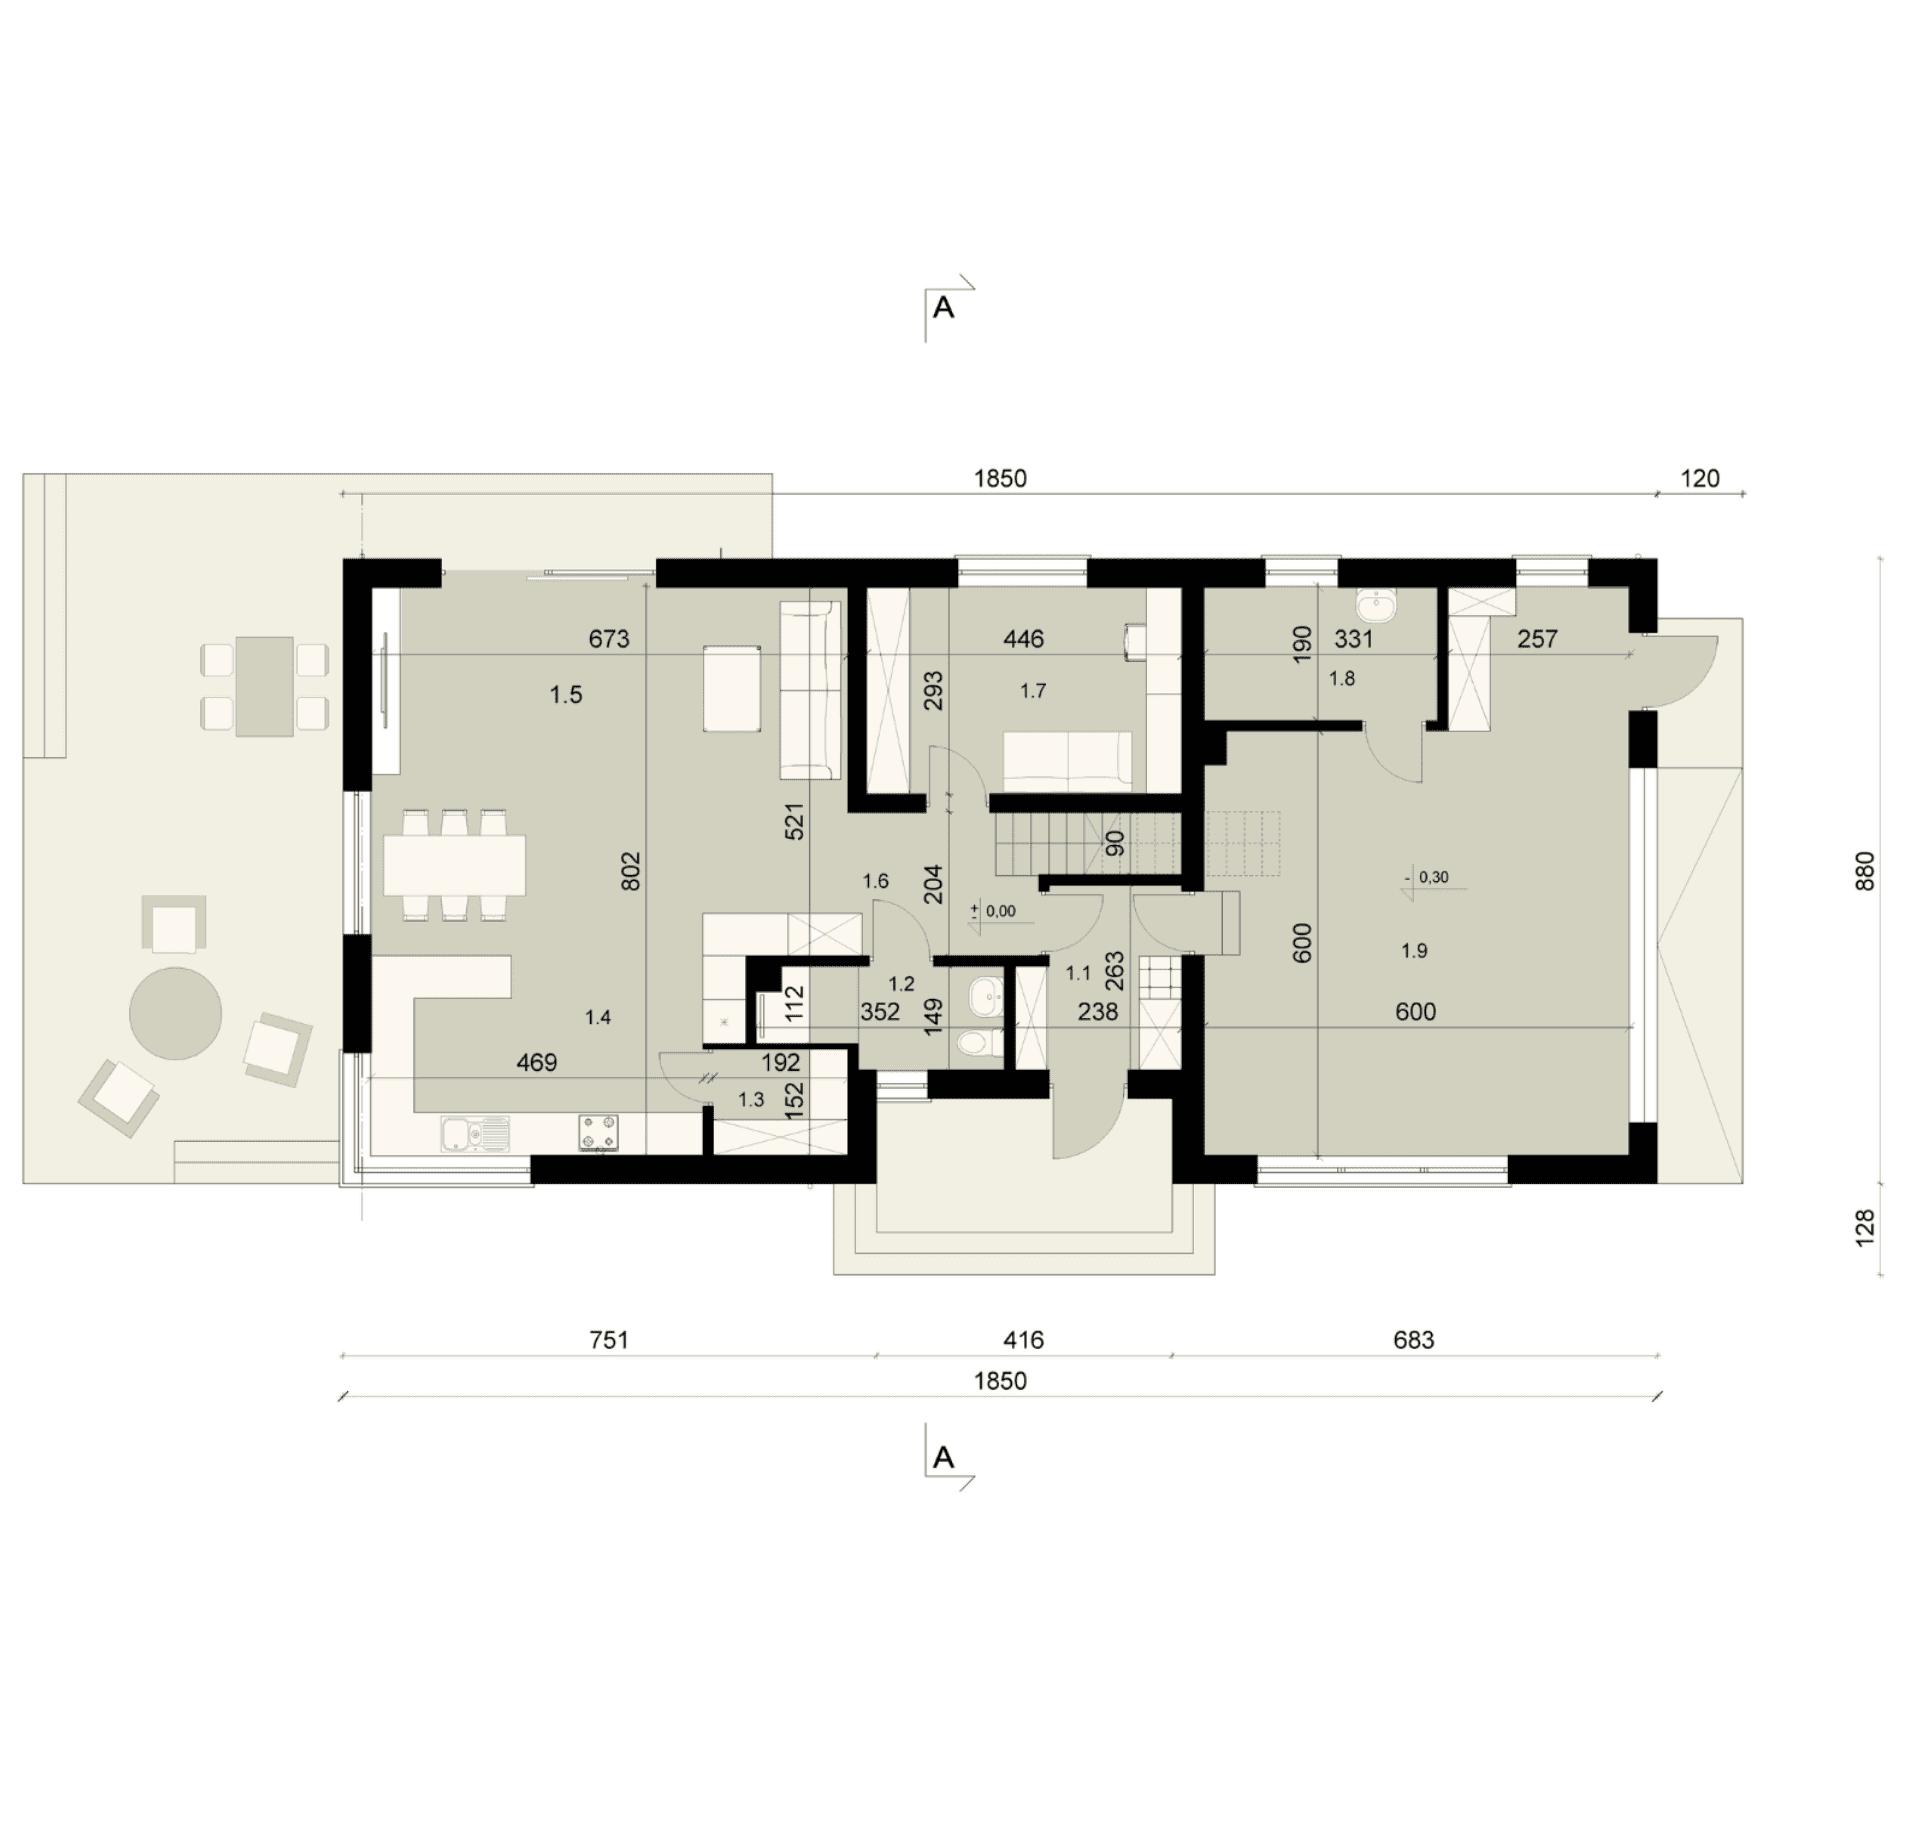 Rzut parteru - projekt domu SEJ-PRO 018 ENERGO